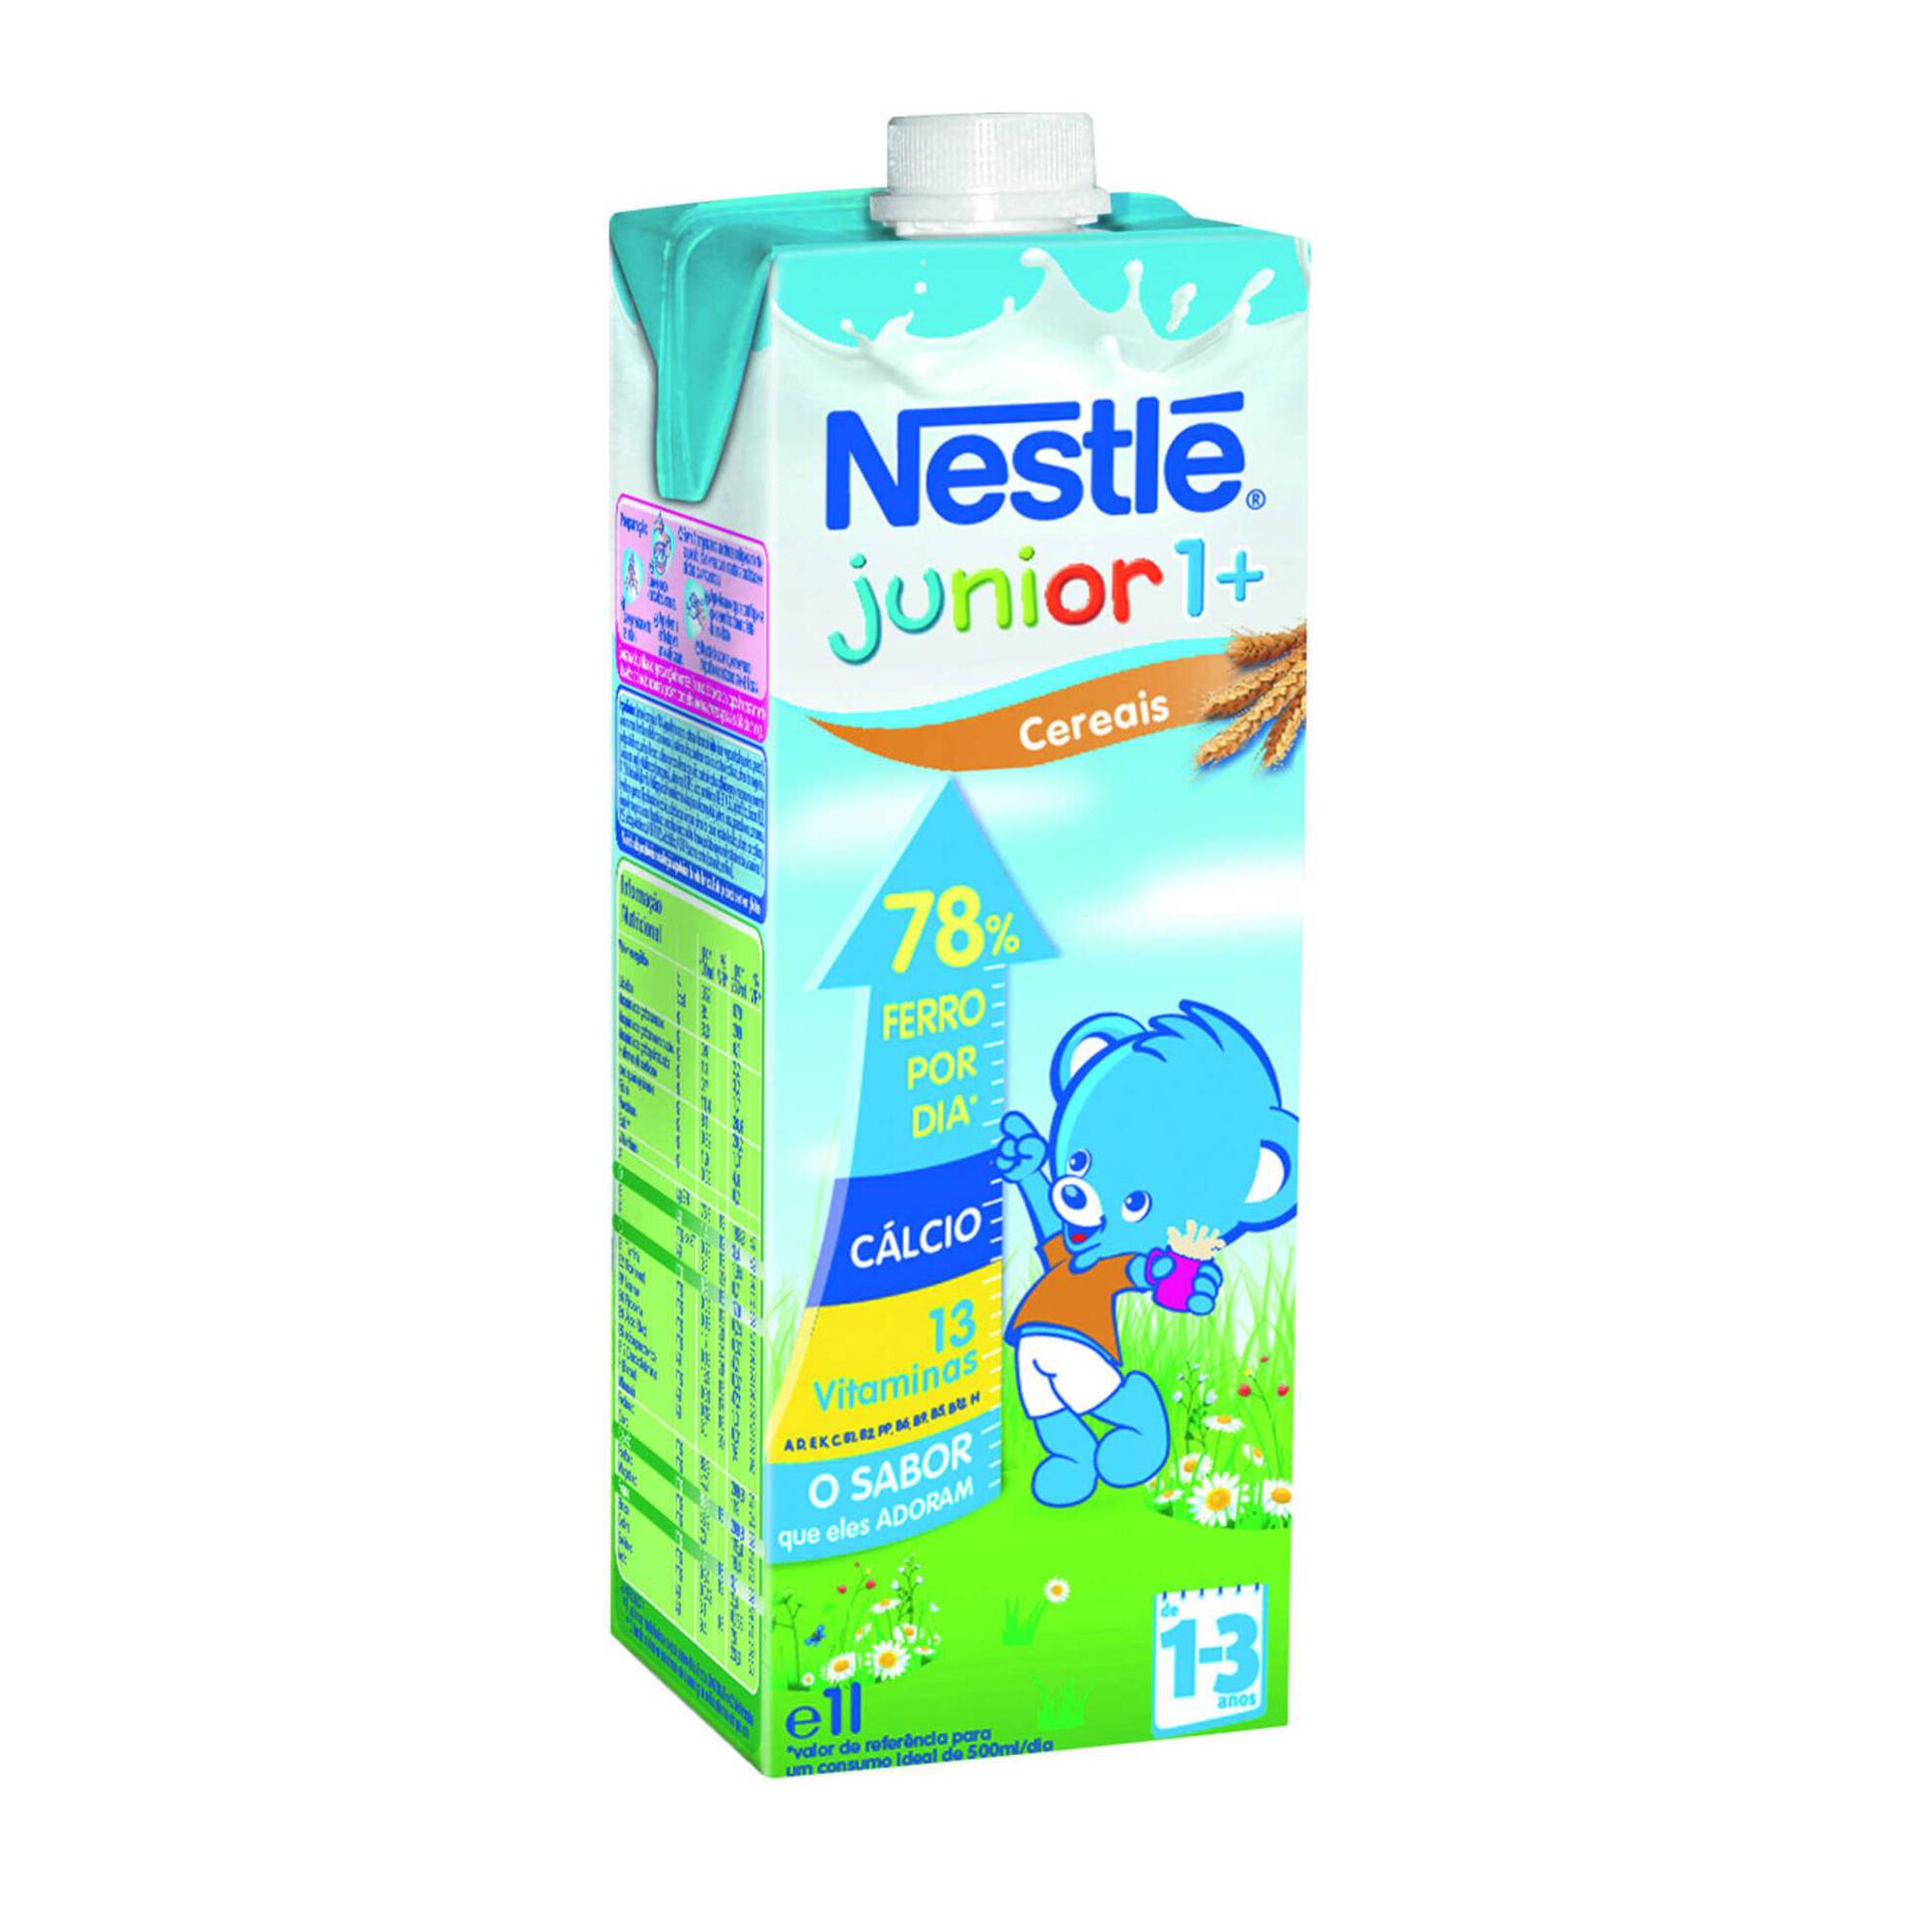 Bebida Láctea com Sabor a Cereais Junior 1 a 3 Anos